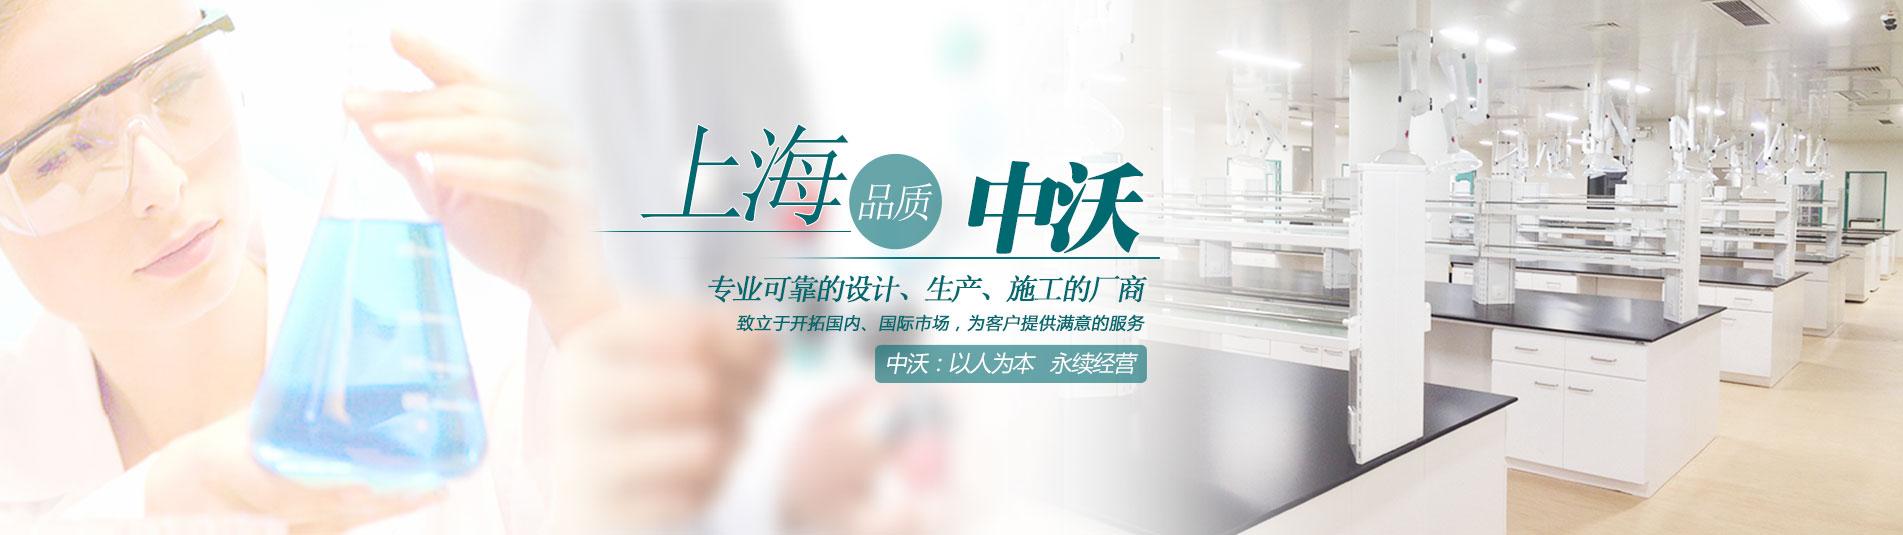 上海中沃電子科技有限公司